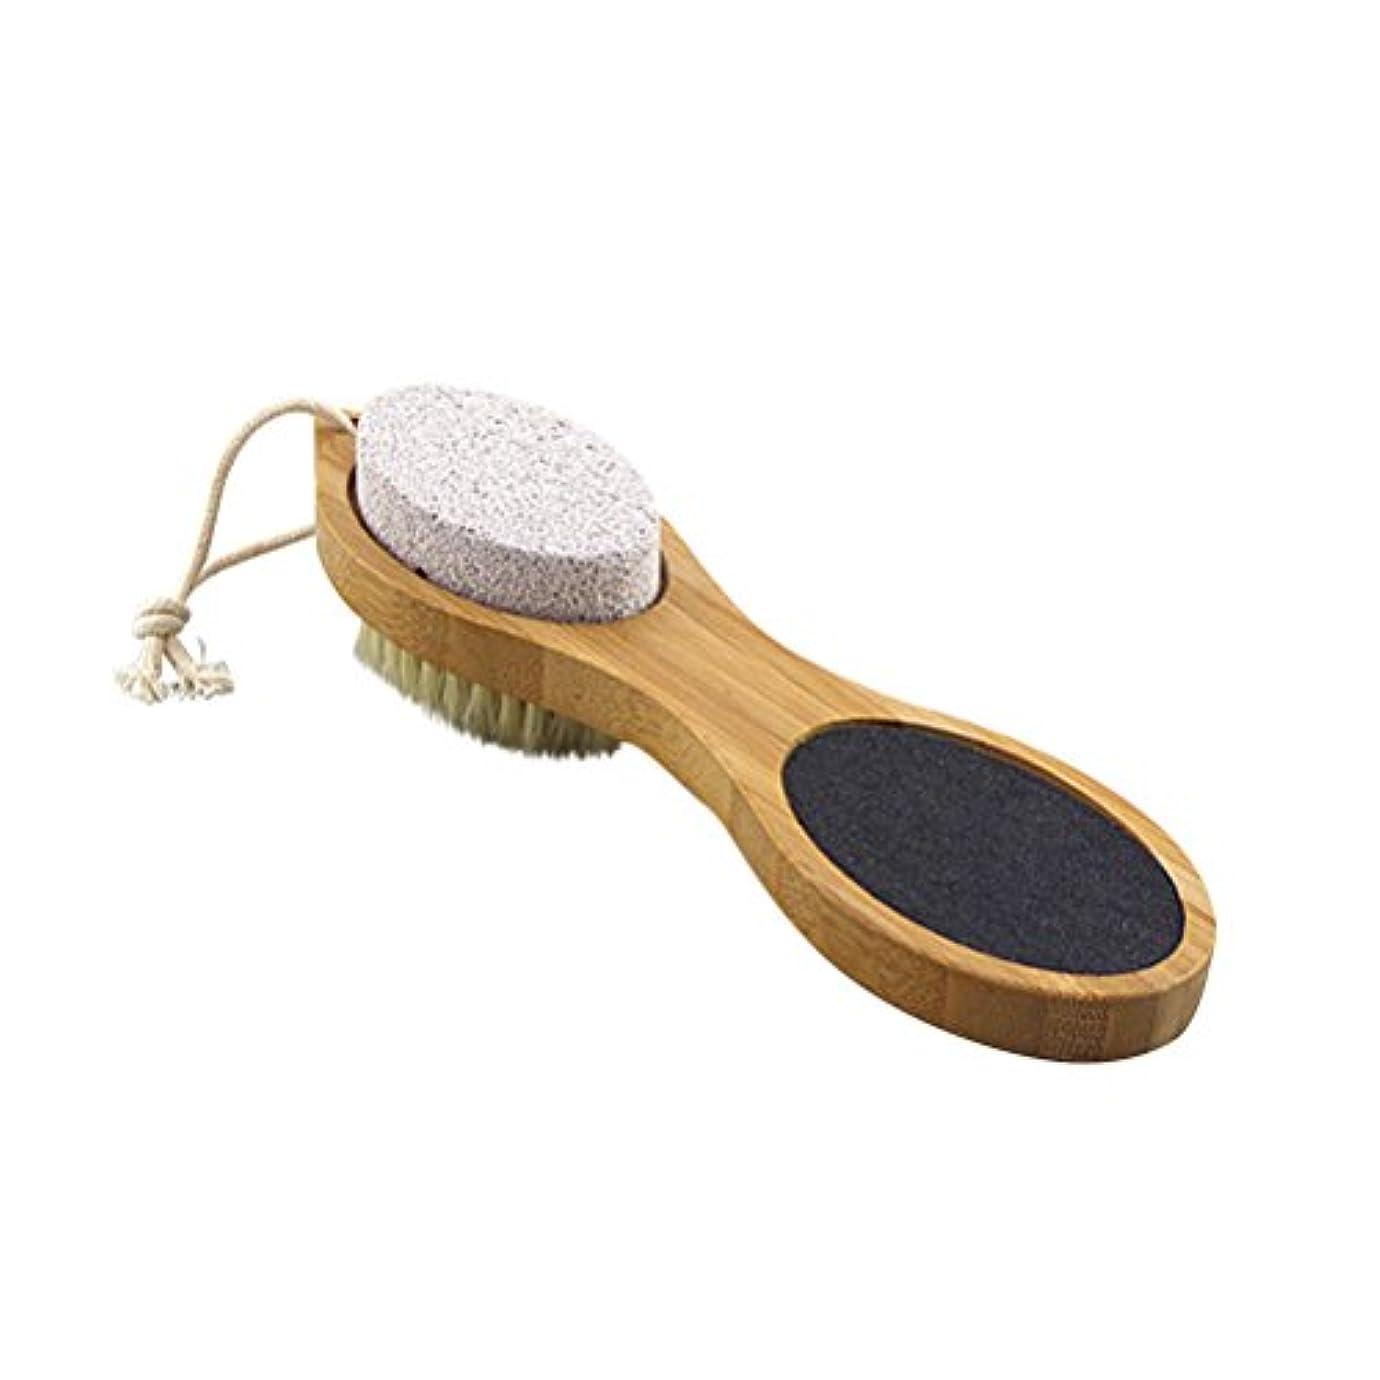 わな枯れる笑いULTNICE 足ブラシ 角質除去 毛ブラシ?砂ブラシ?軽石ブラシ?鋼ブラシ ボディブラシ フットマッサージ